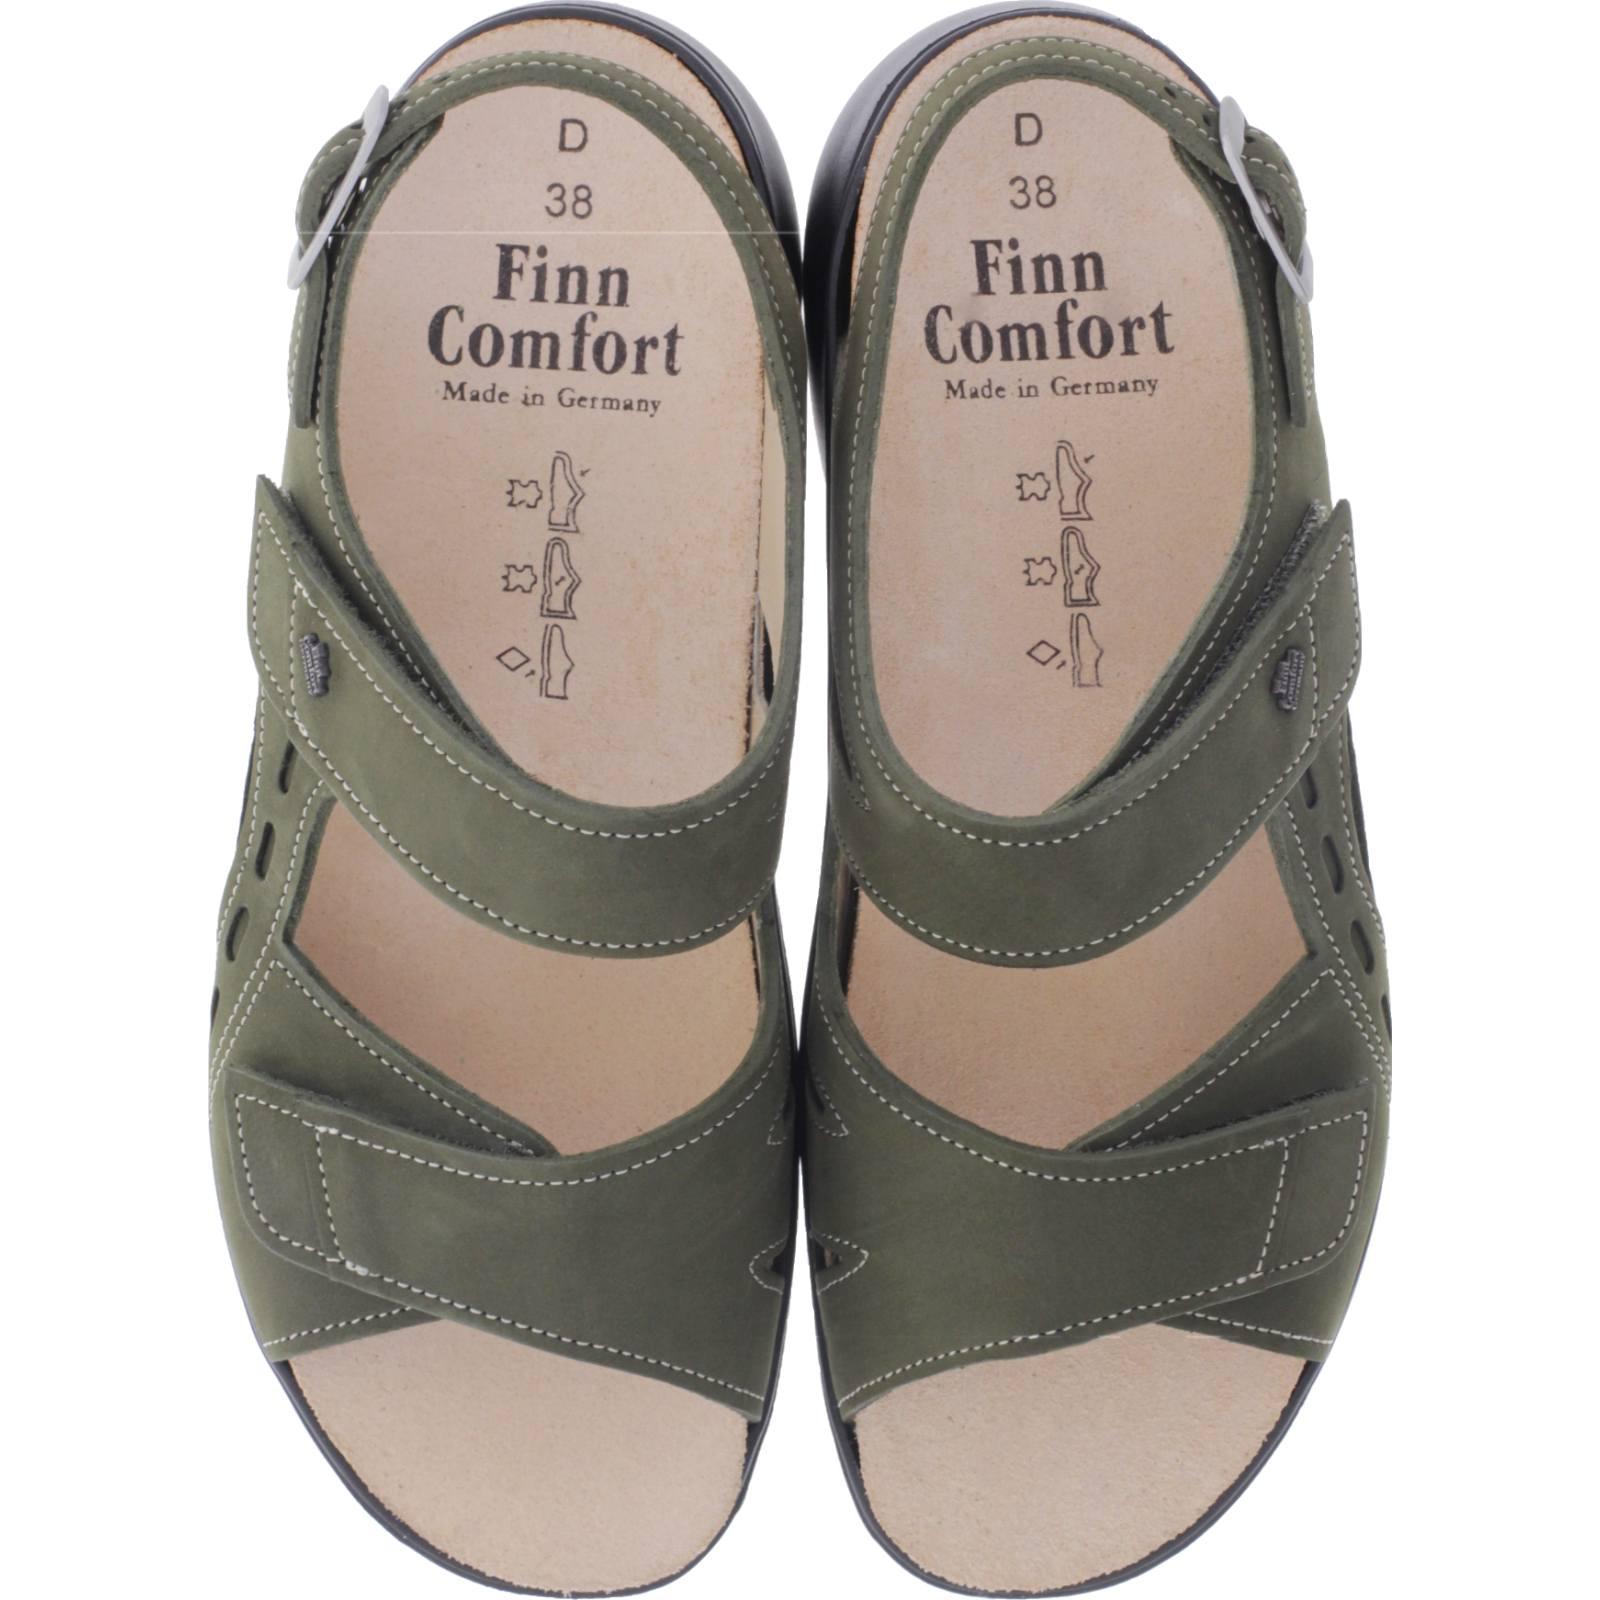 Nubuk Finn Sandalen Wechselfußbett Damen Art03352 Suva Comfort Olive 007223 zSMVpU